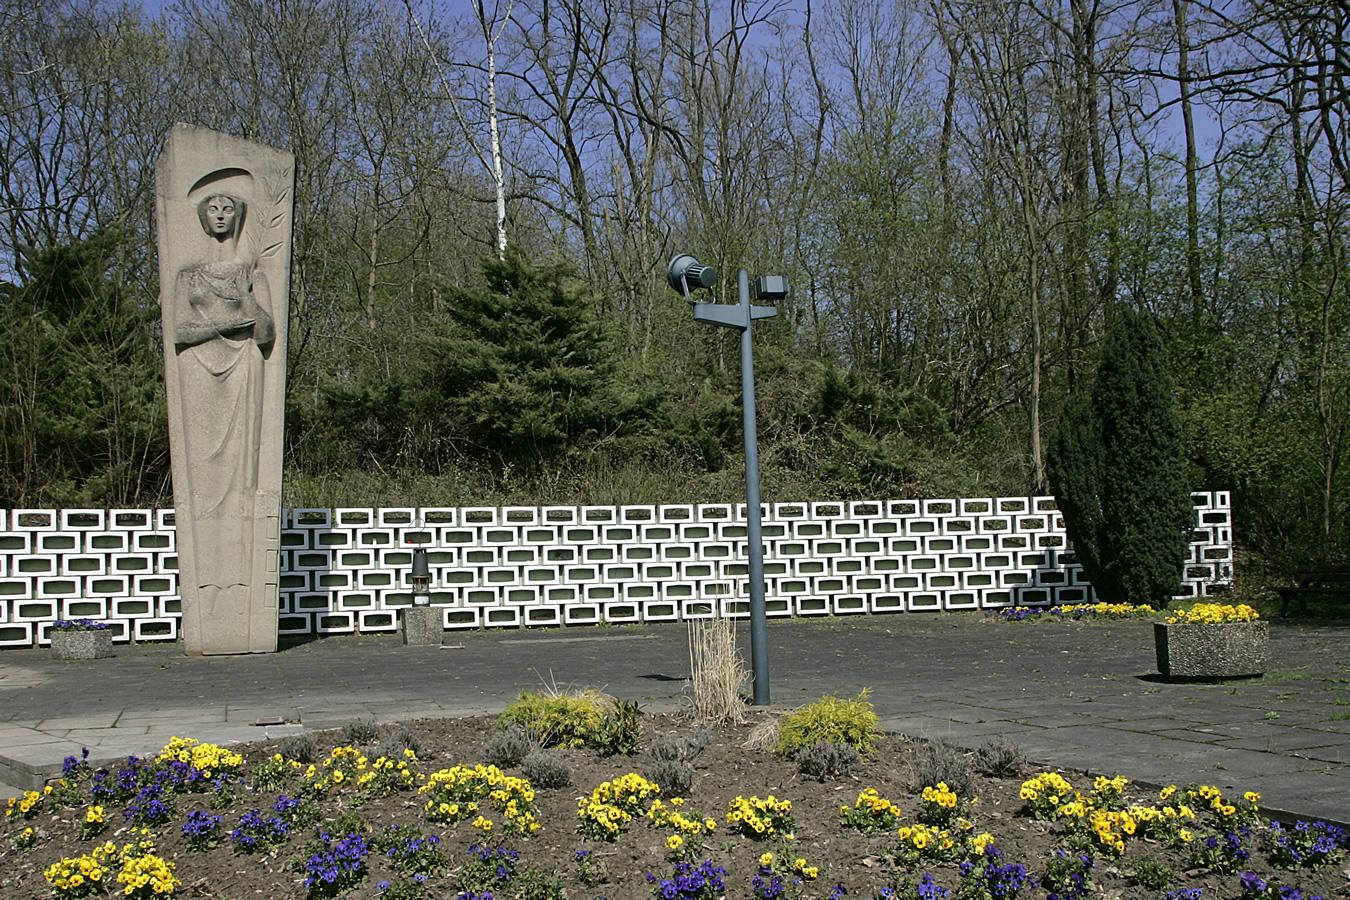 Denkmal für das Grubenunglück im Jahr 1962. Für jedes der 299 Opfer des Unglückes ein weißer Stein.